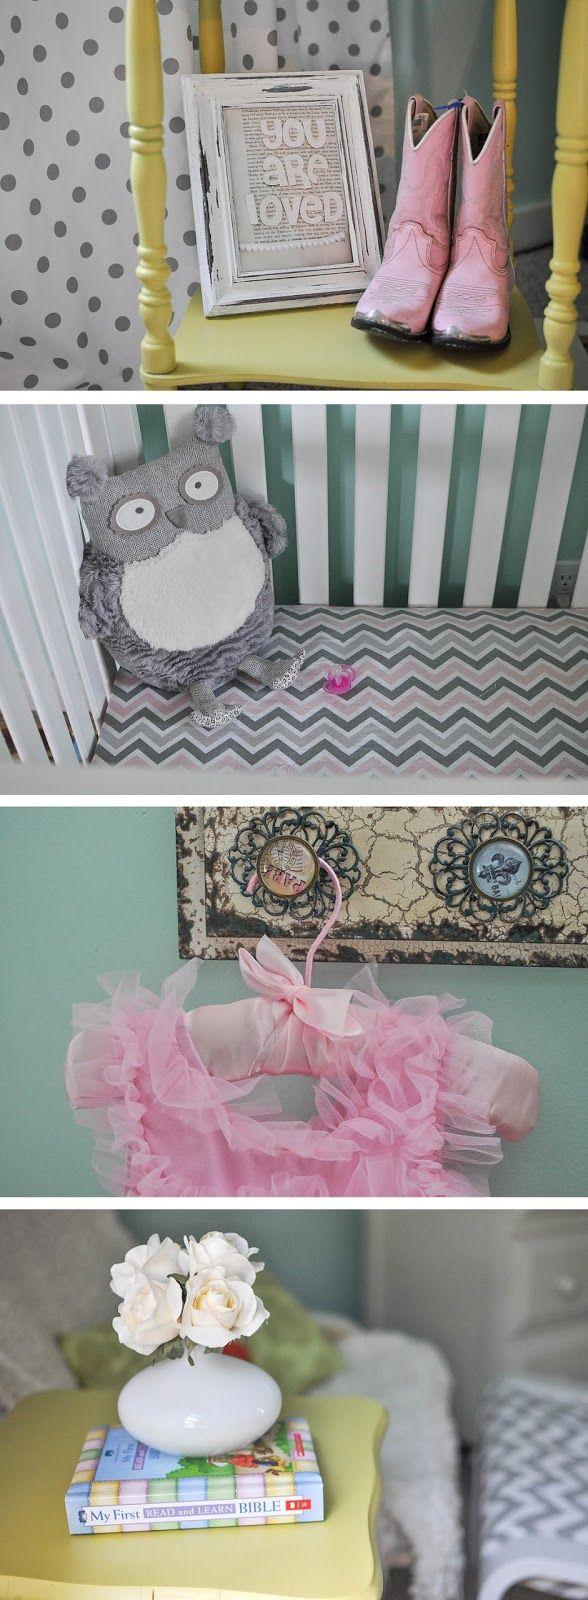 best 25 cute girls bedrooms ideas on pinterest cute teen cute girl bedroom decor ideas